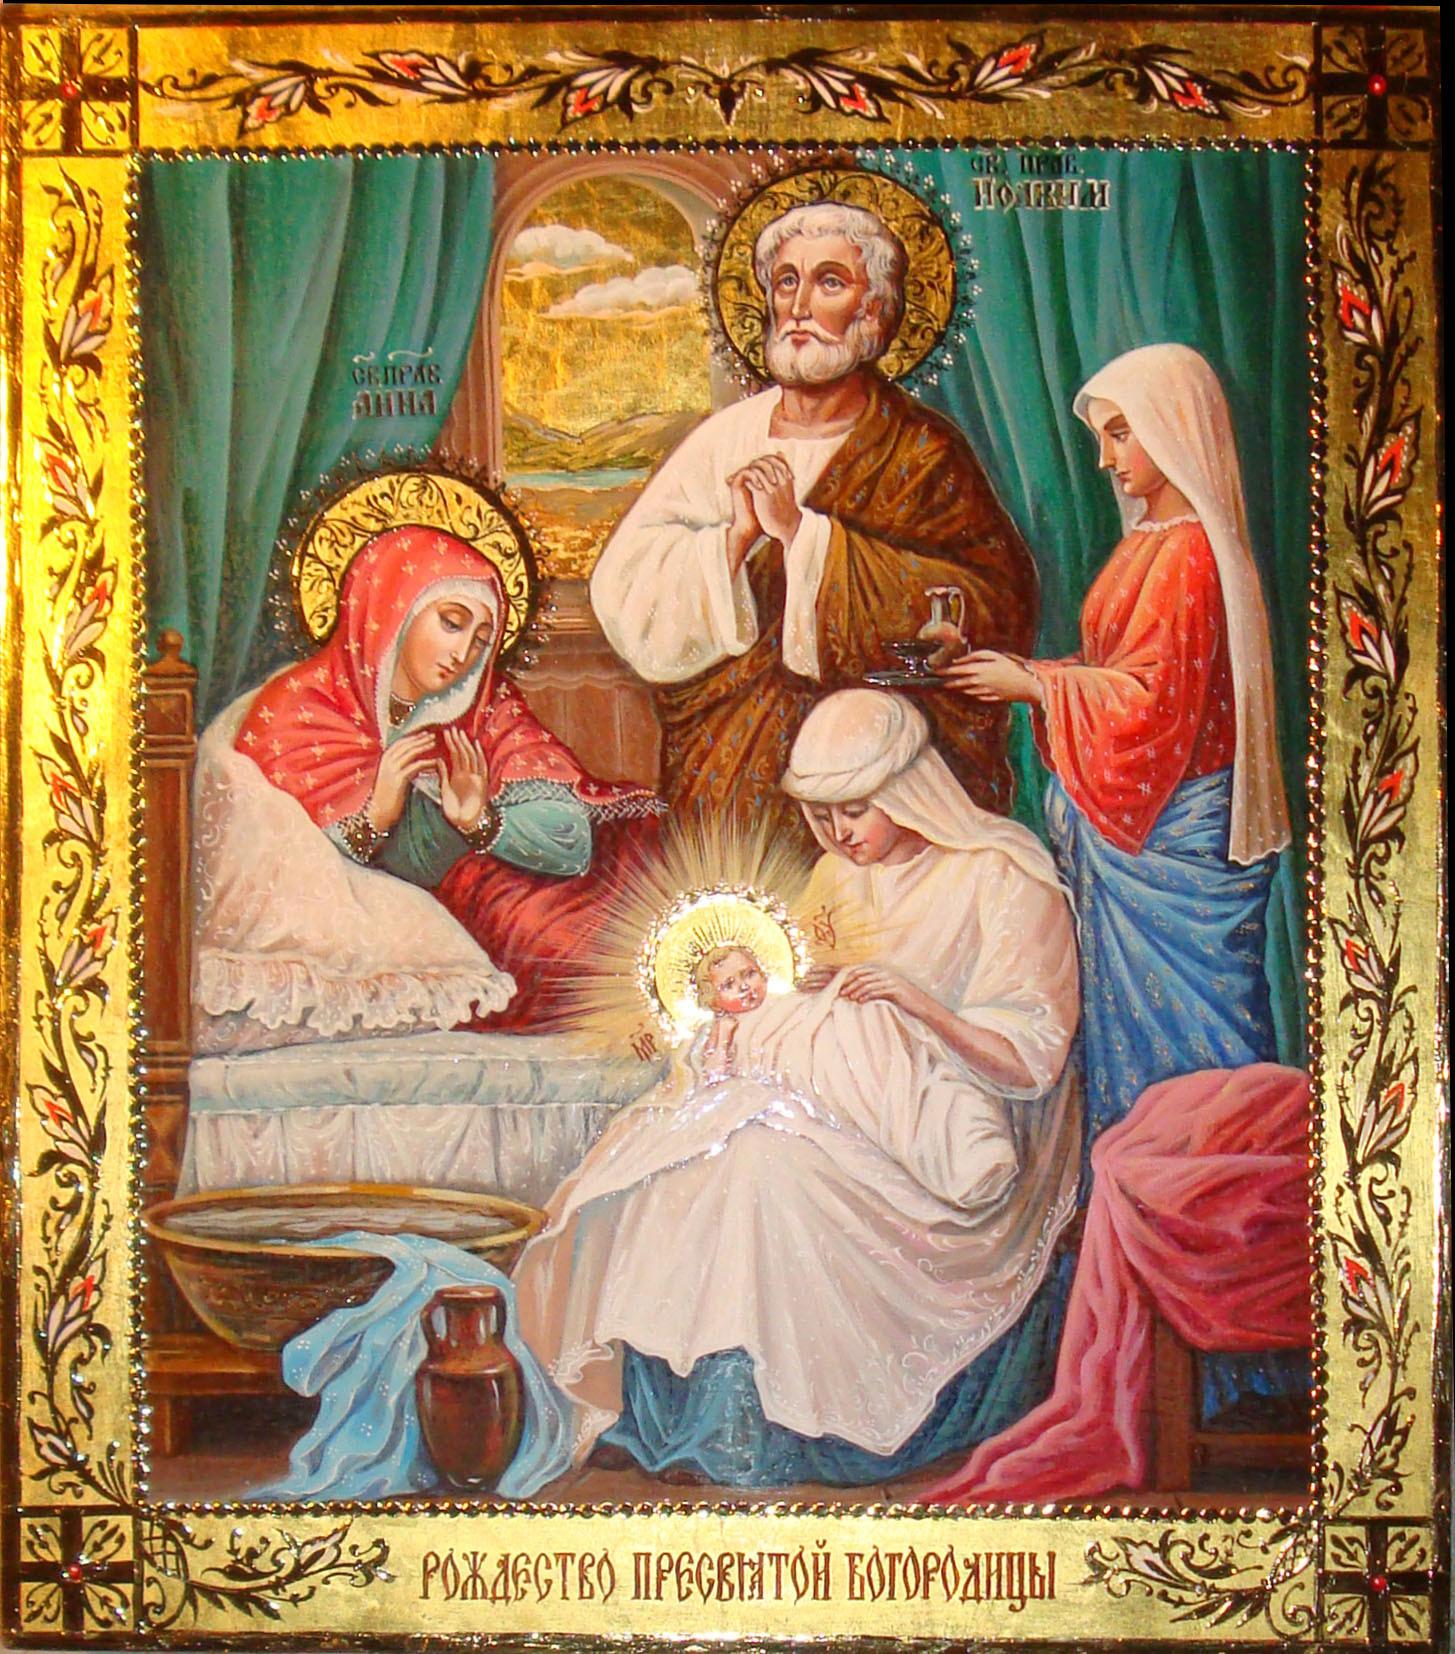 Строителю, православные открытки на каждый день на рождество пресвятой богородицы